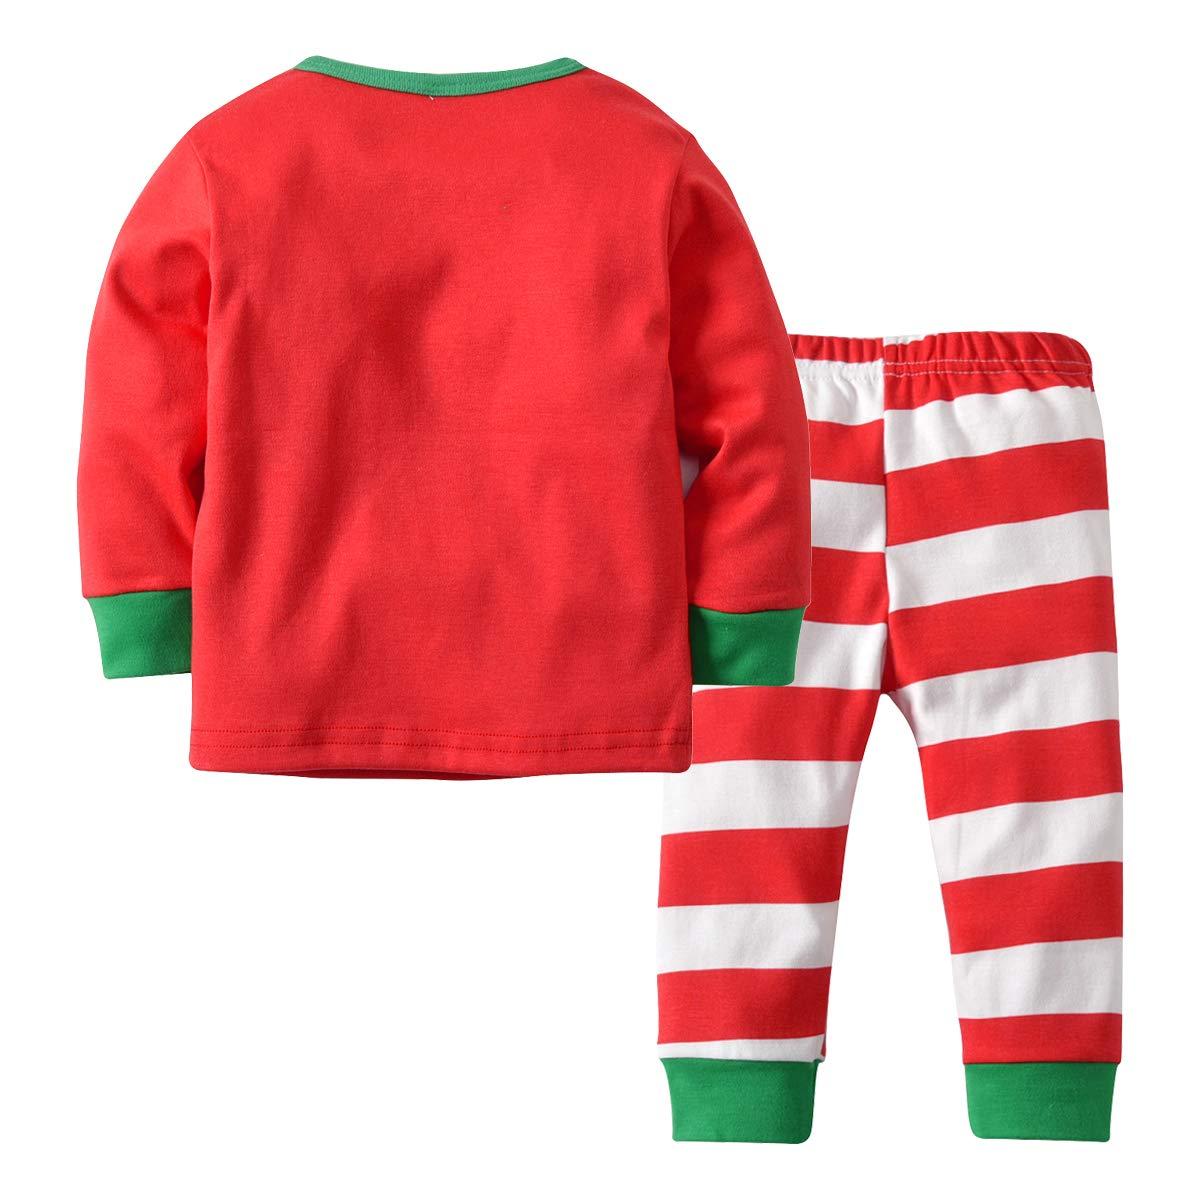 MAOMAHREWW 2Pcs Christmas Outfit Set Sleeper Pajamas Cotton T-Shirt and Pants